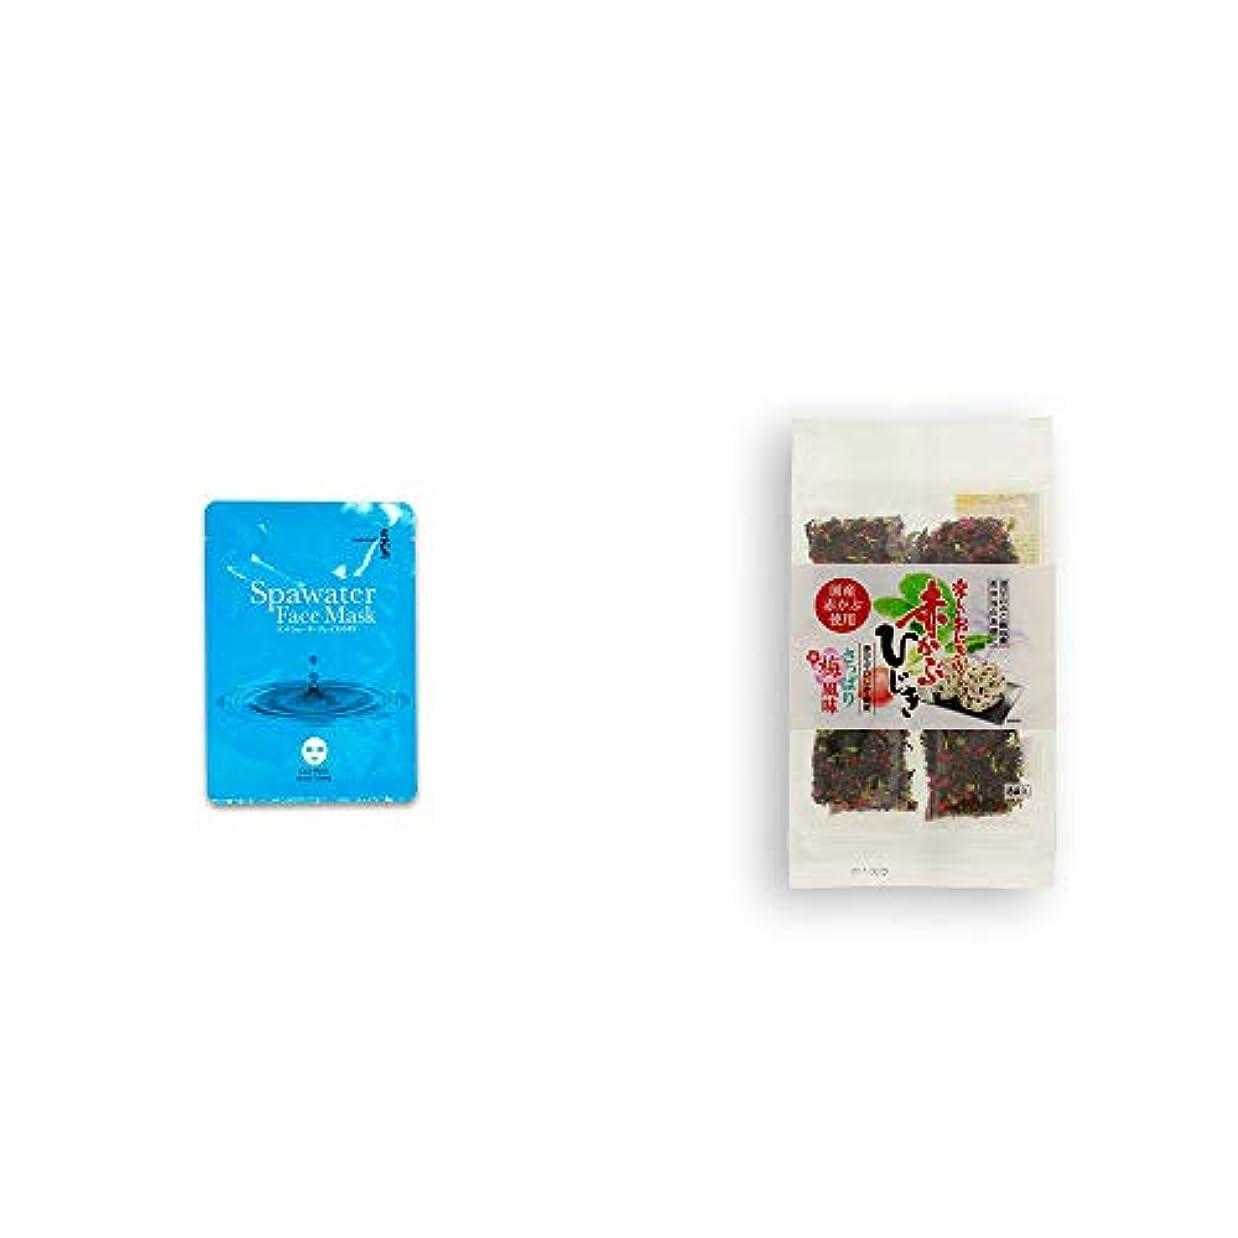 [2点セット] ひのき炭黒泉 スパウォーターフェイスマスク(18ml×3枚入)?楽しいおにぎり 赤かぶひじき(8g×8袋)